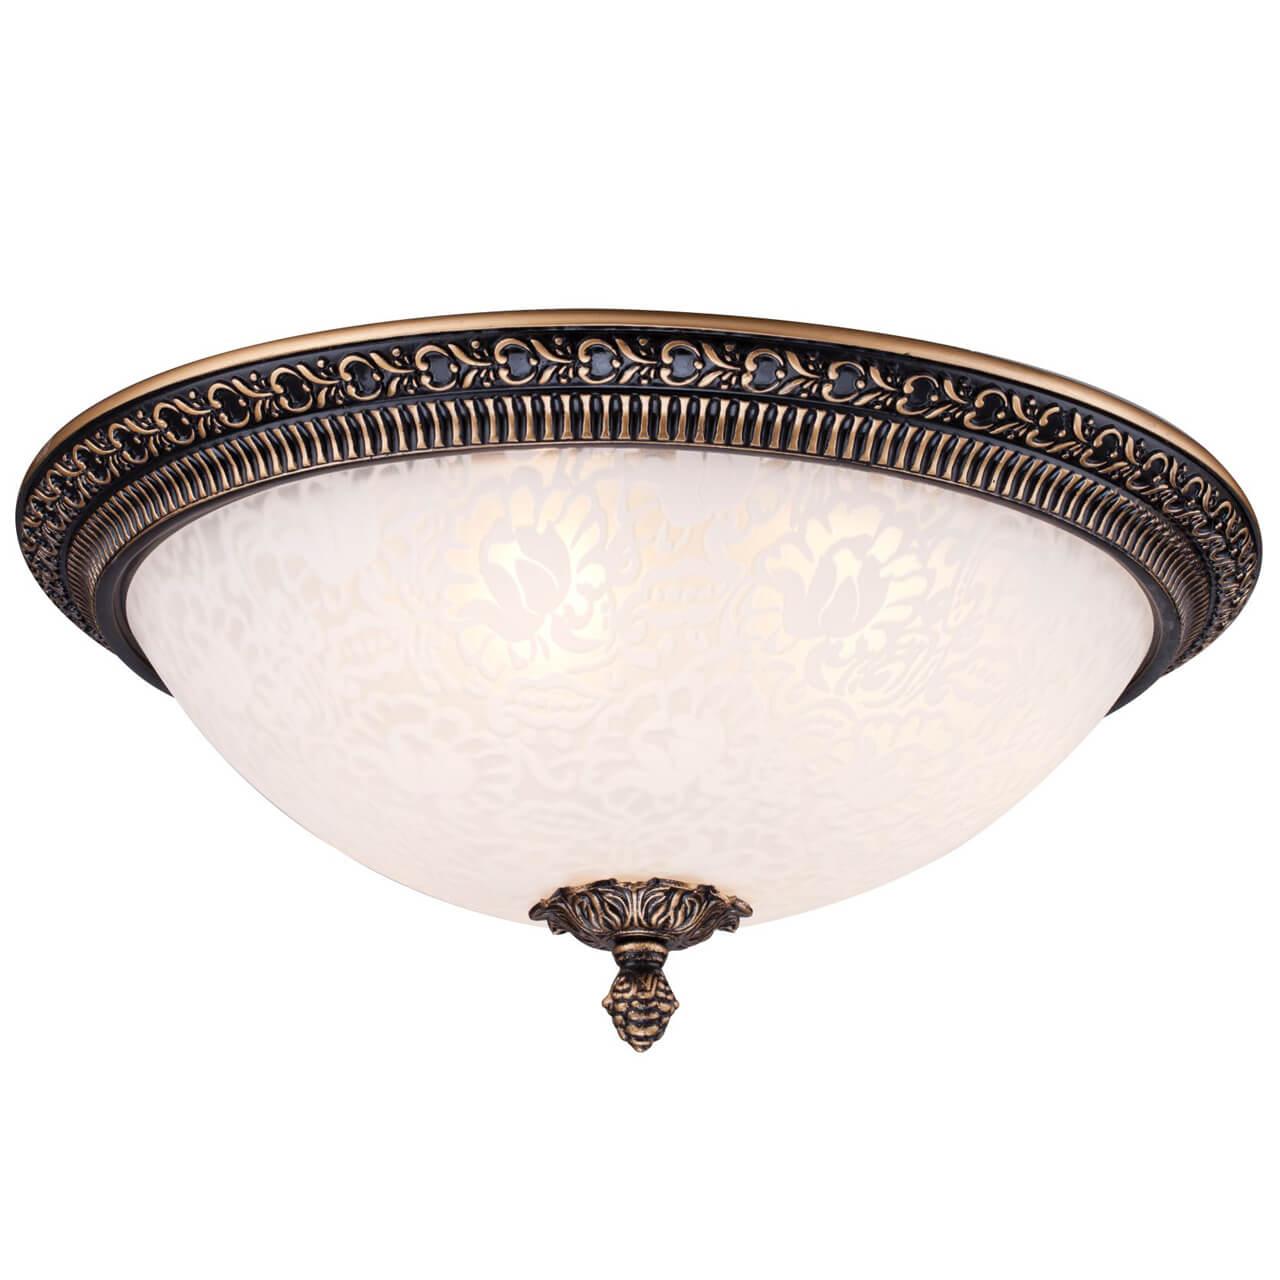 цена на Потолочный светильник Maytoni Pascal C908-CL-03-R